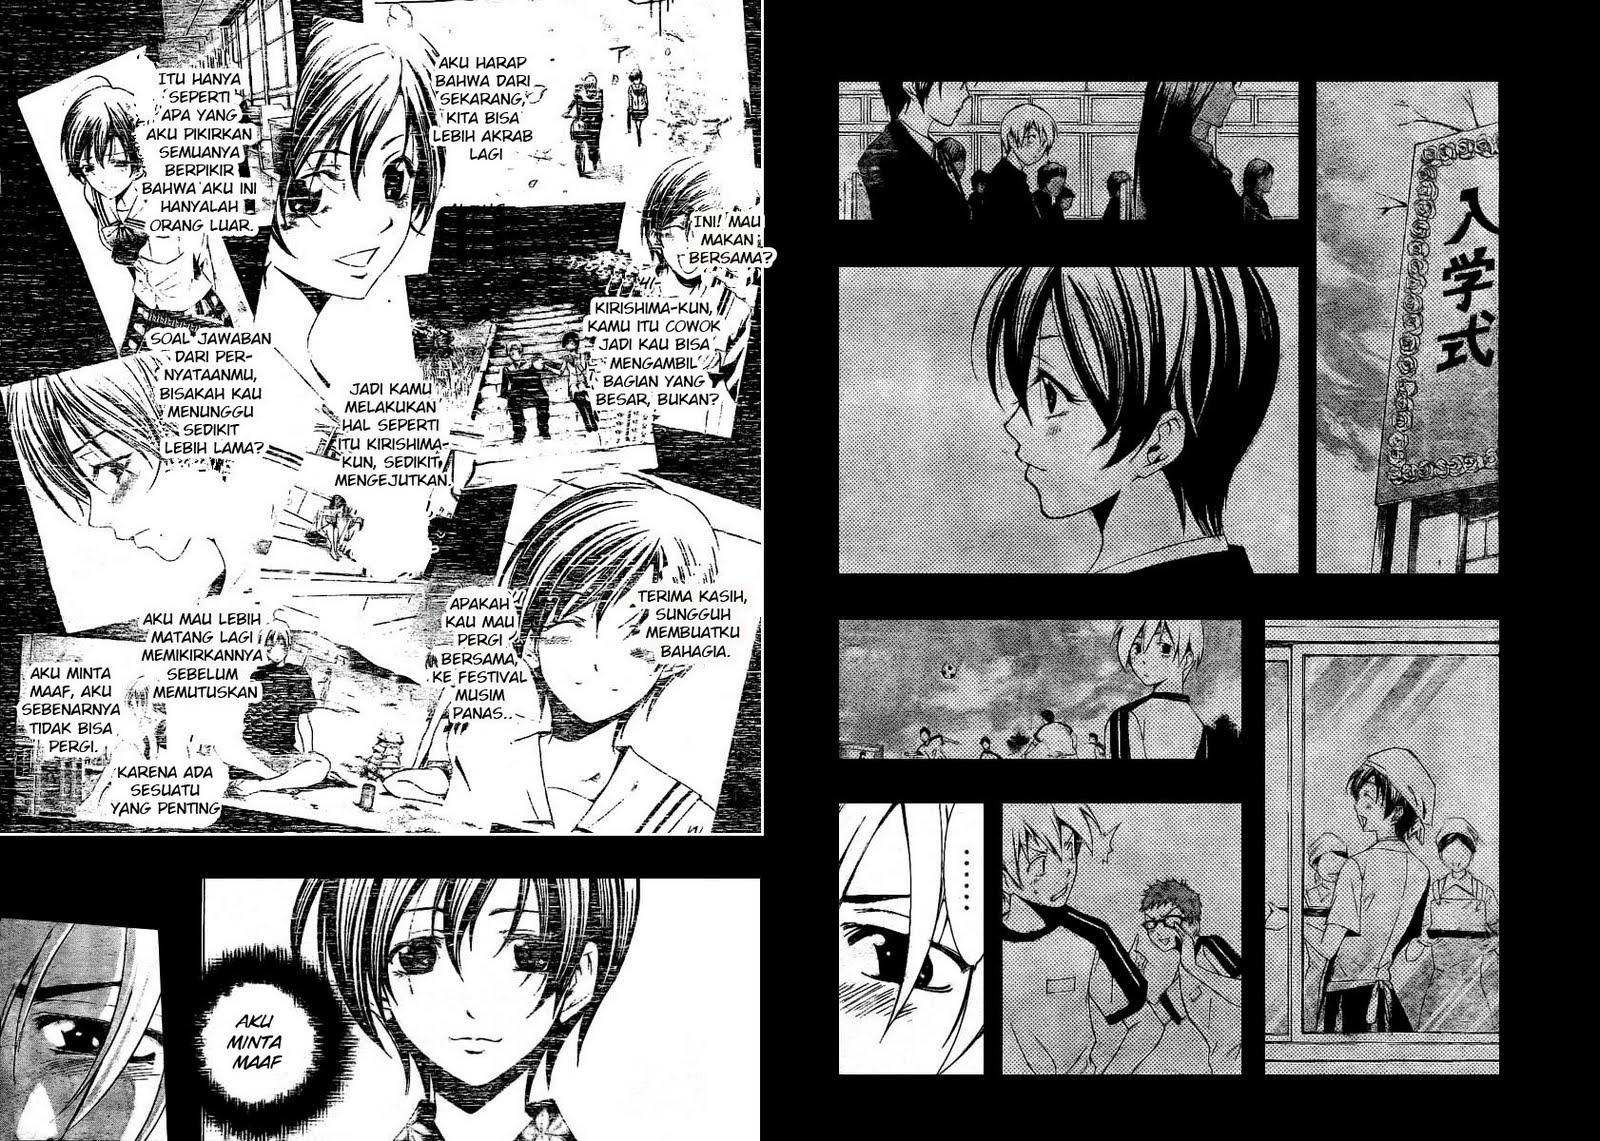 Komik kimi no iru machi 40 page 16